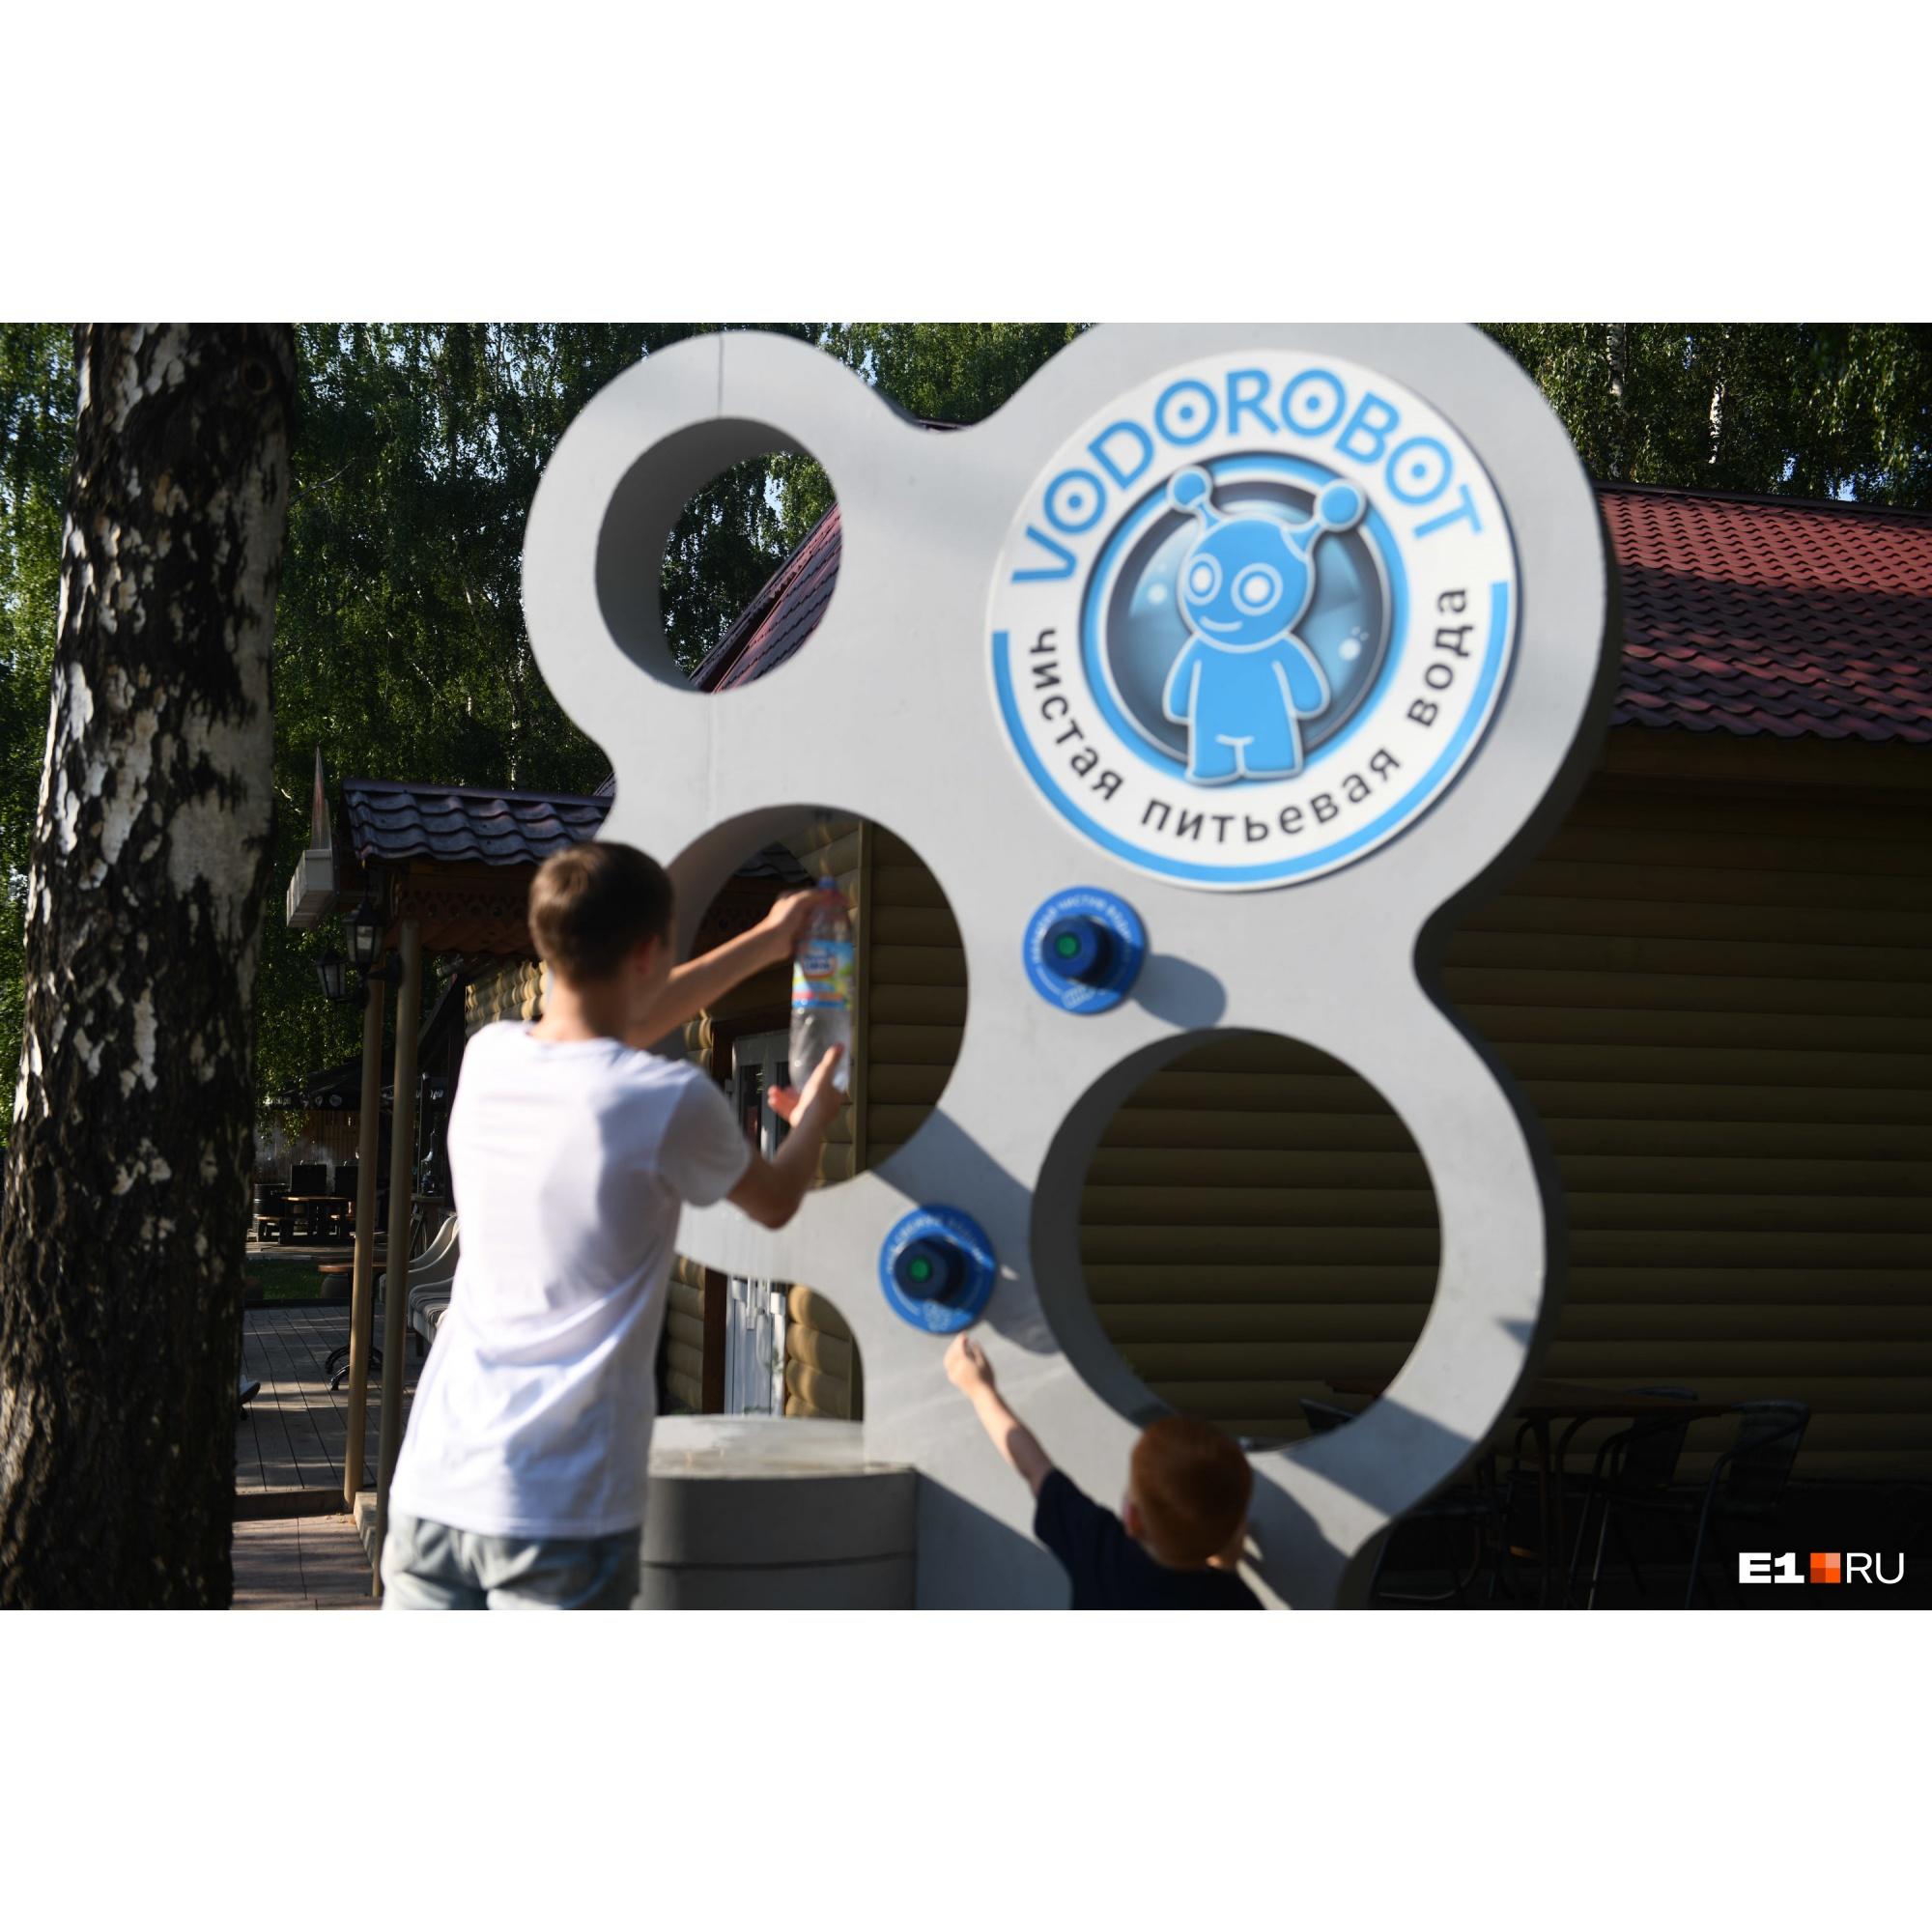 А еще (и это очень удобно) в парке можно набрать бутылку чистой воды и ни о чем не беспокоиться